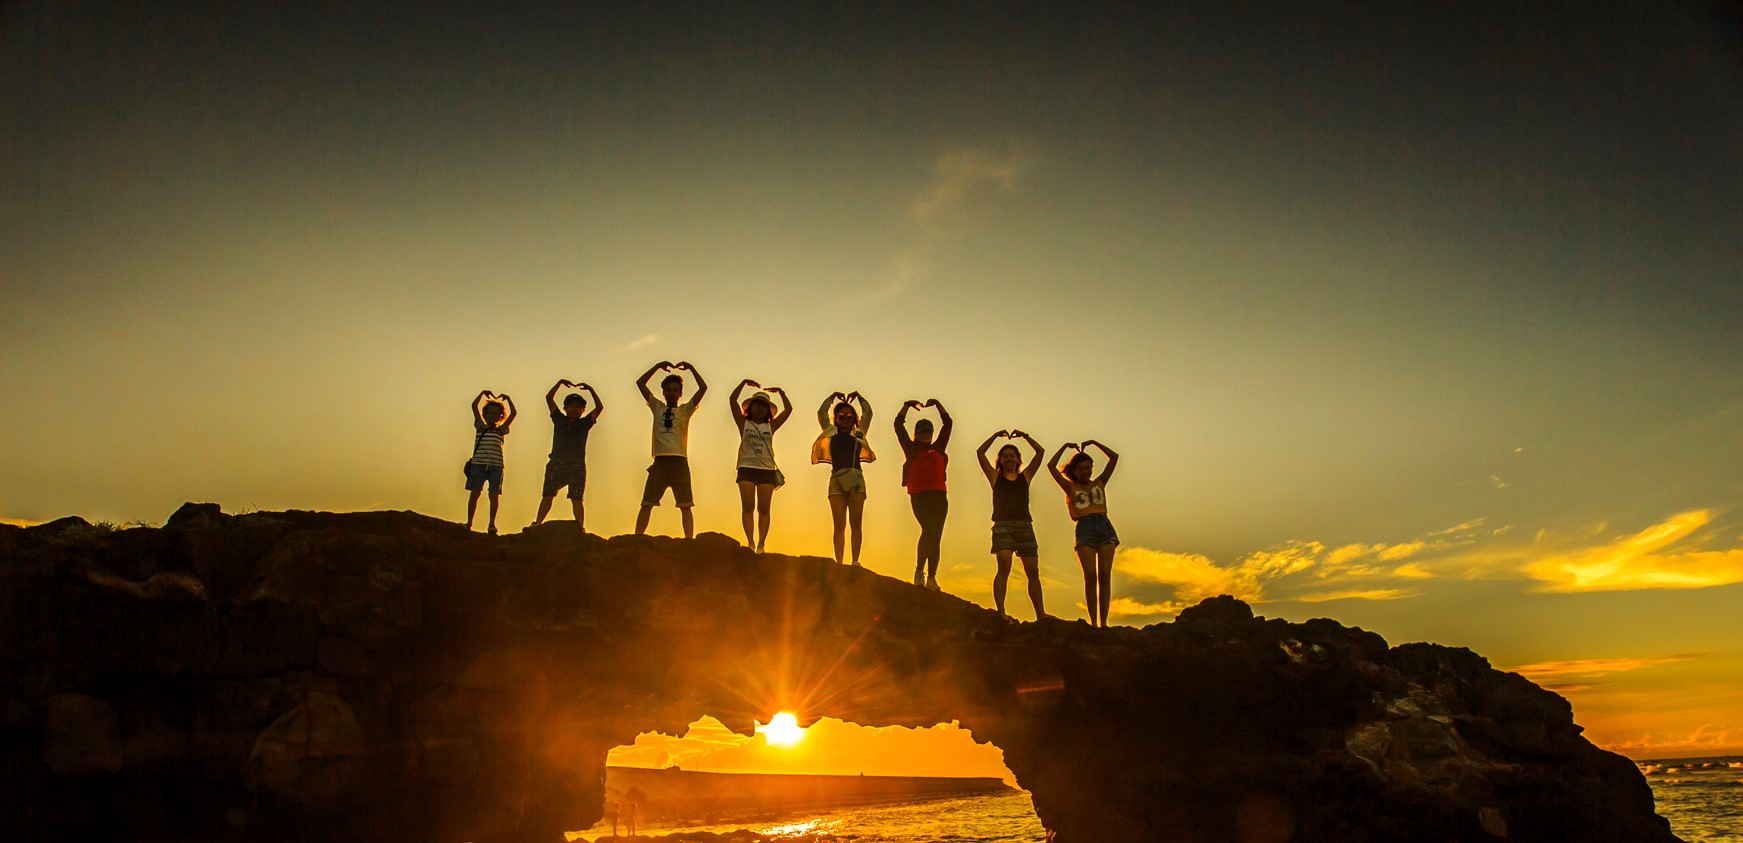 Kinh nghiệm du lịch đảo Lý Sơn khám phá mọi điểm hot trend thu hút giới trẻ